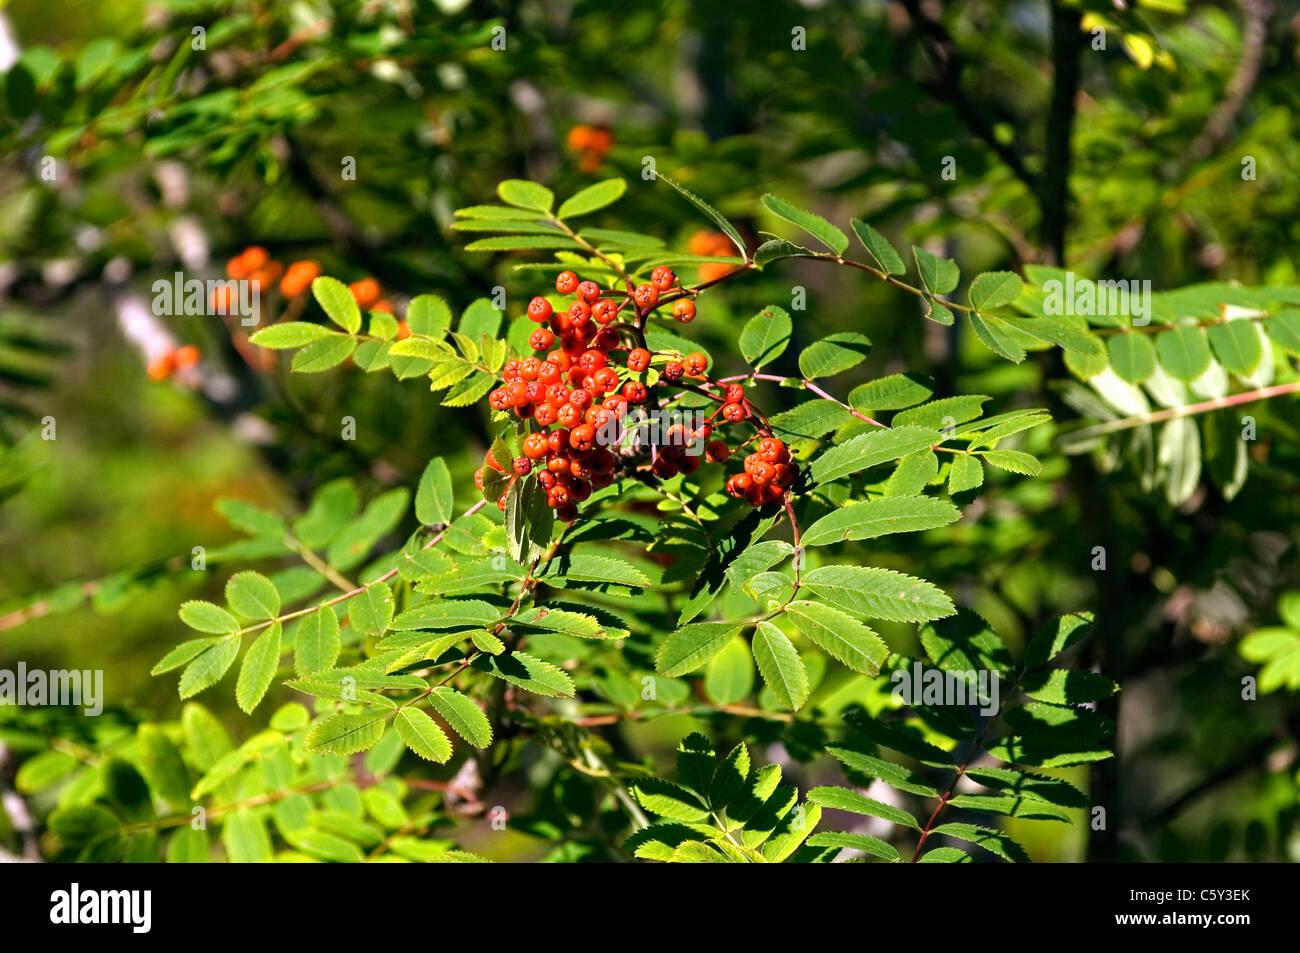 Rowan Tree (Sorbus aucuparia) également connu sous le nom de Mountain Ash. Fruits rouges les petits fruits, Photo Stock